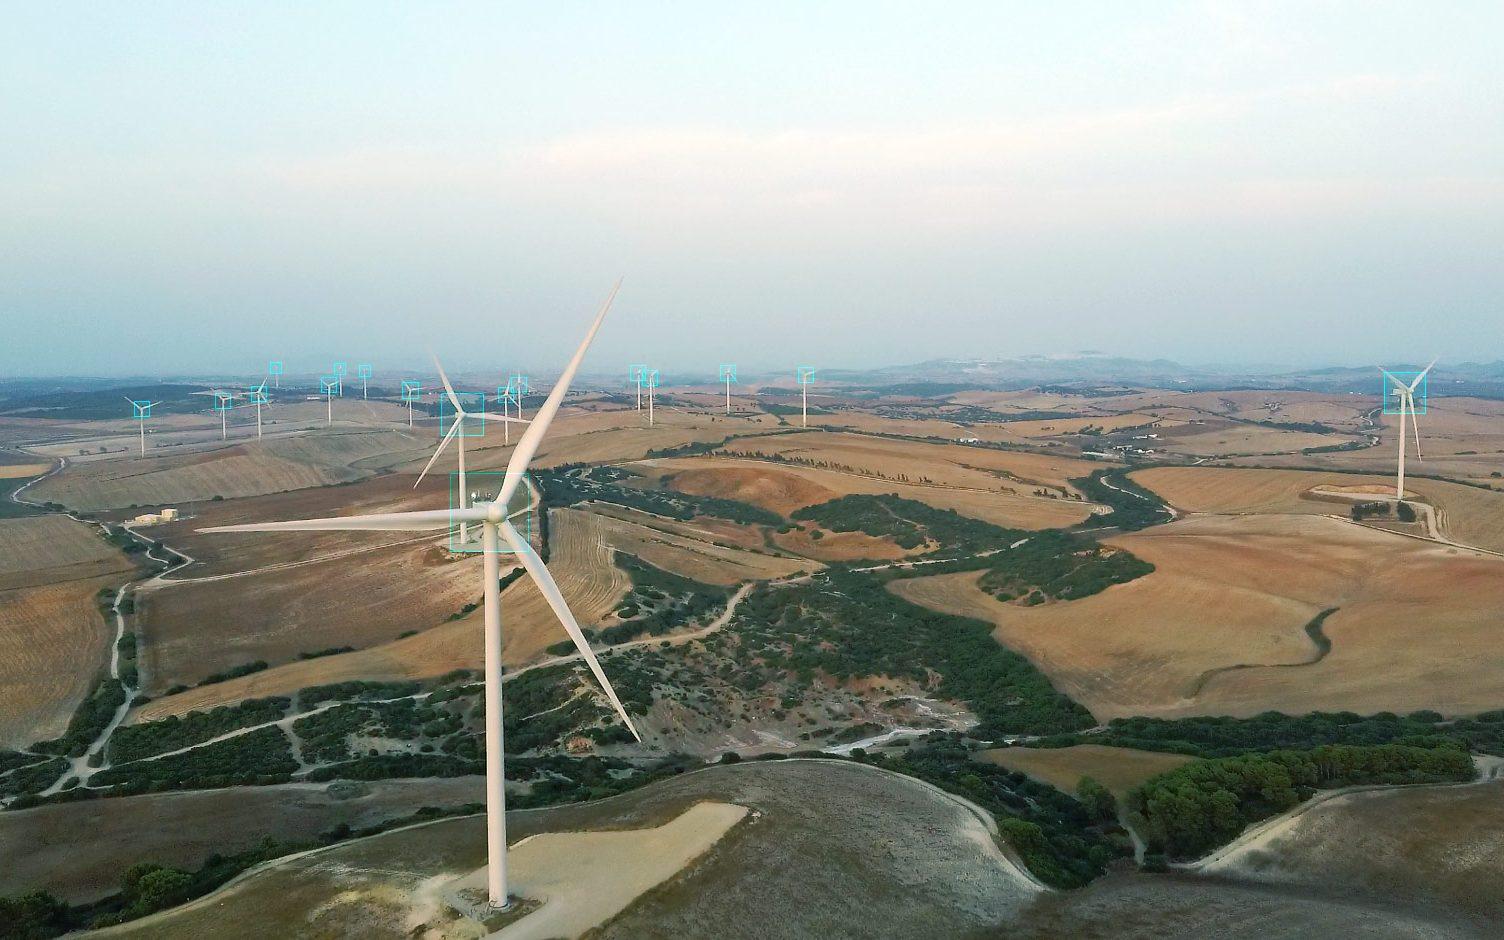 Prospección parque eólico. Chiclana, Cádiz. Aerial Técnica